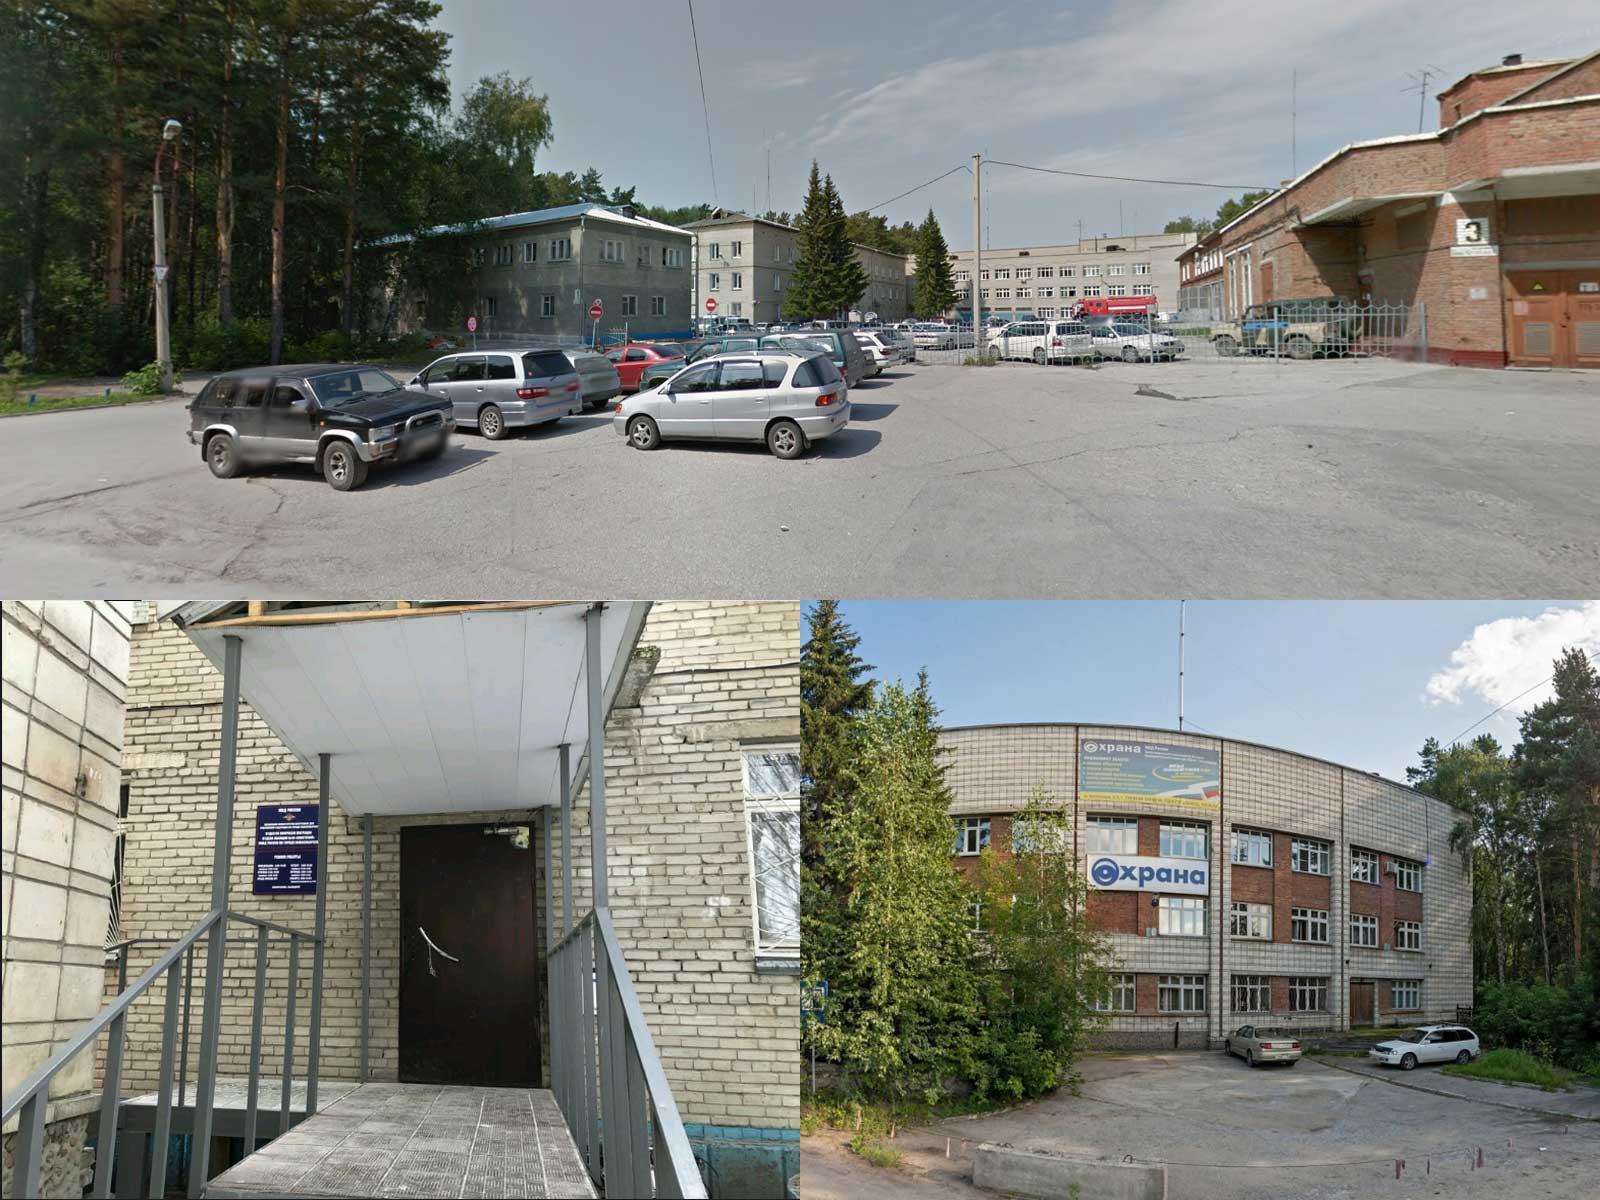 Вид на здание УФМС по Советскому району, Новосибирск